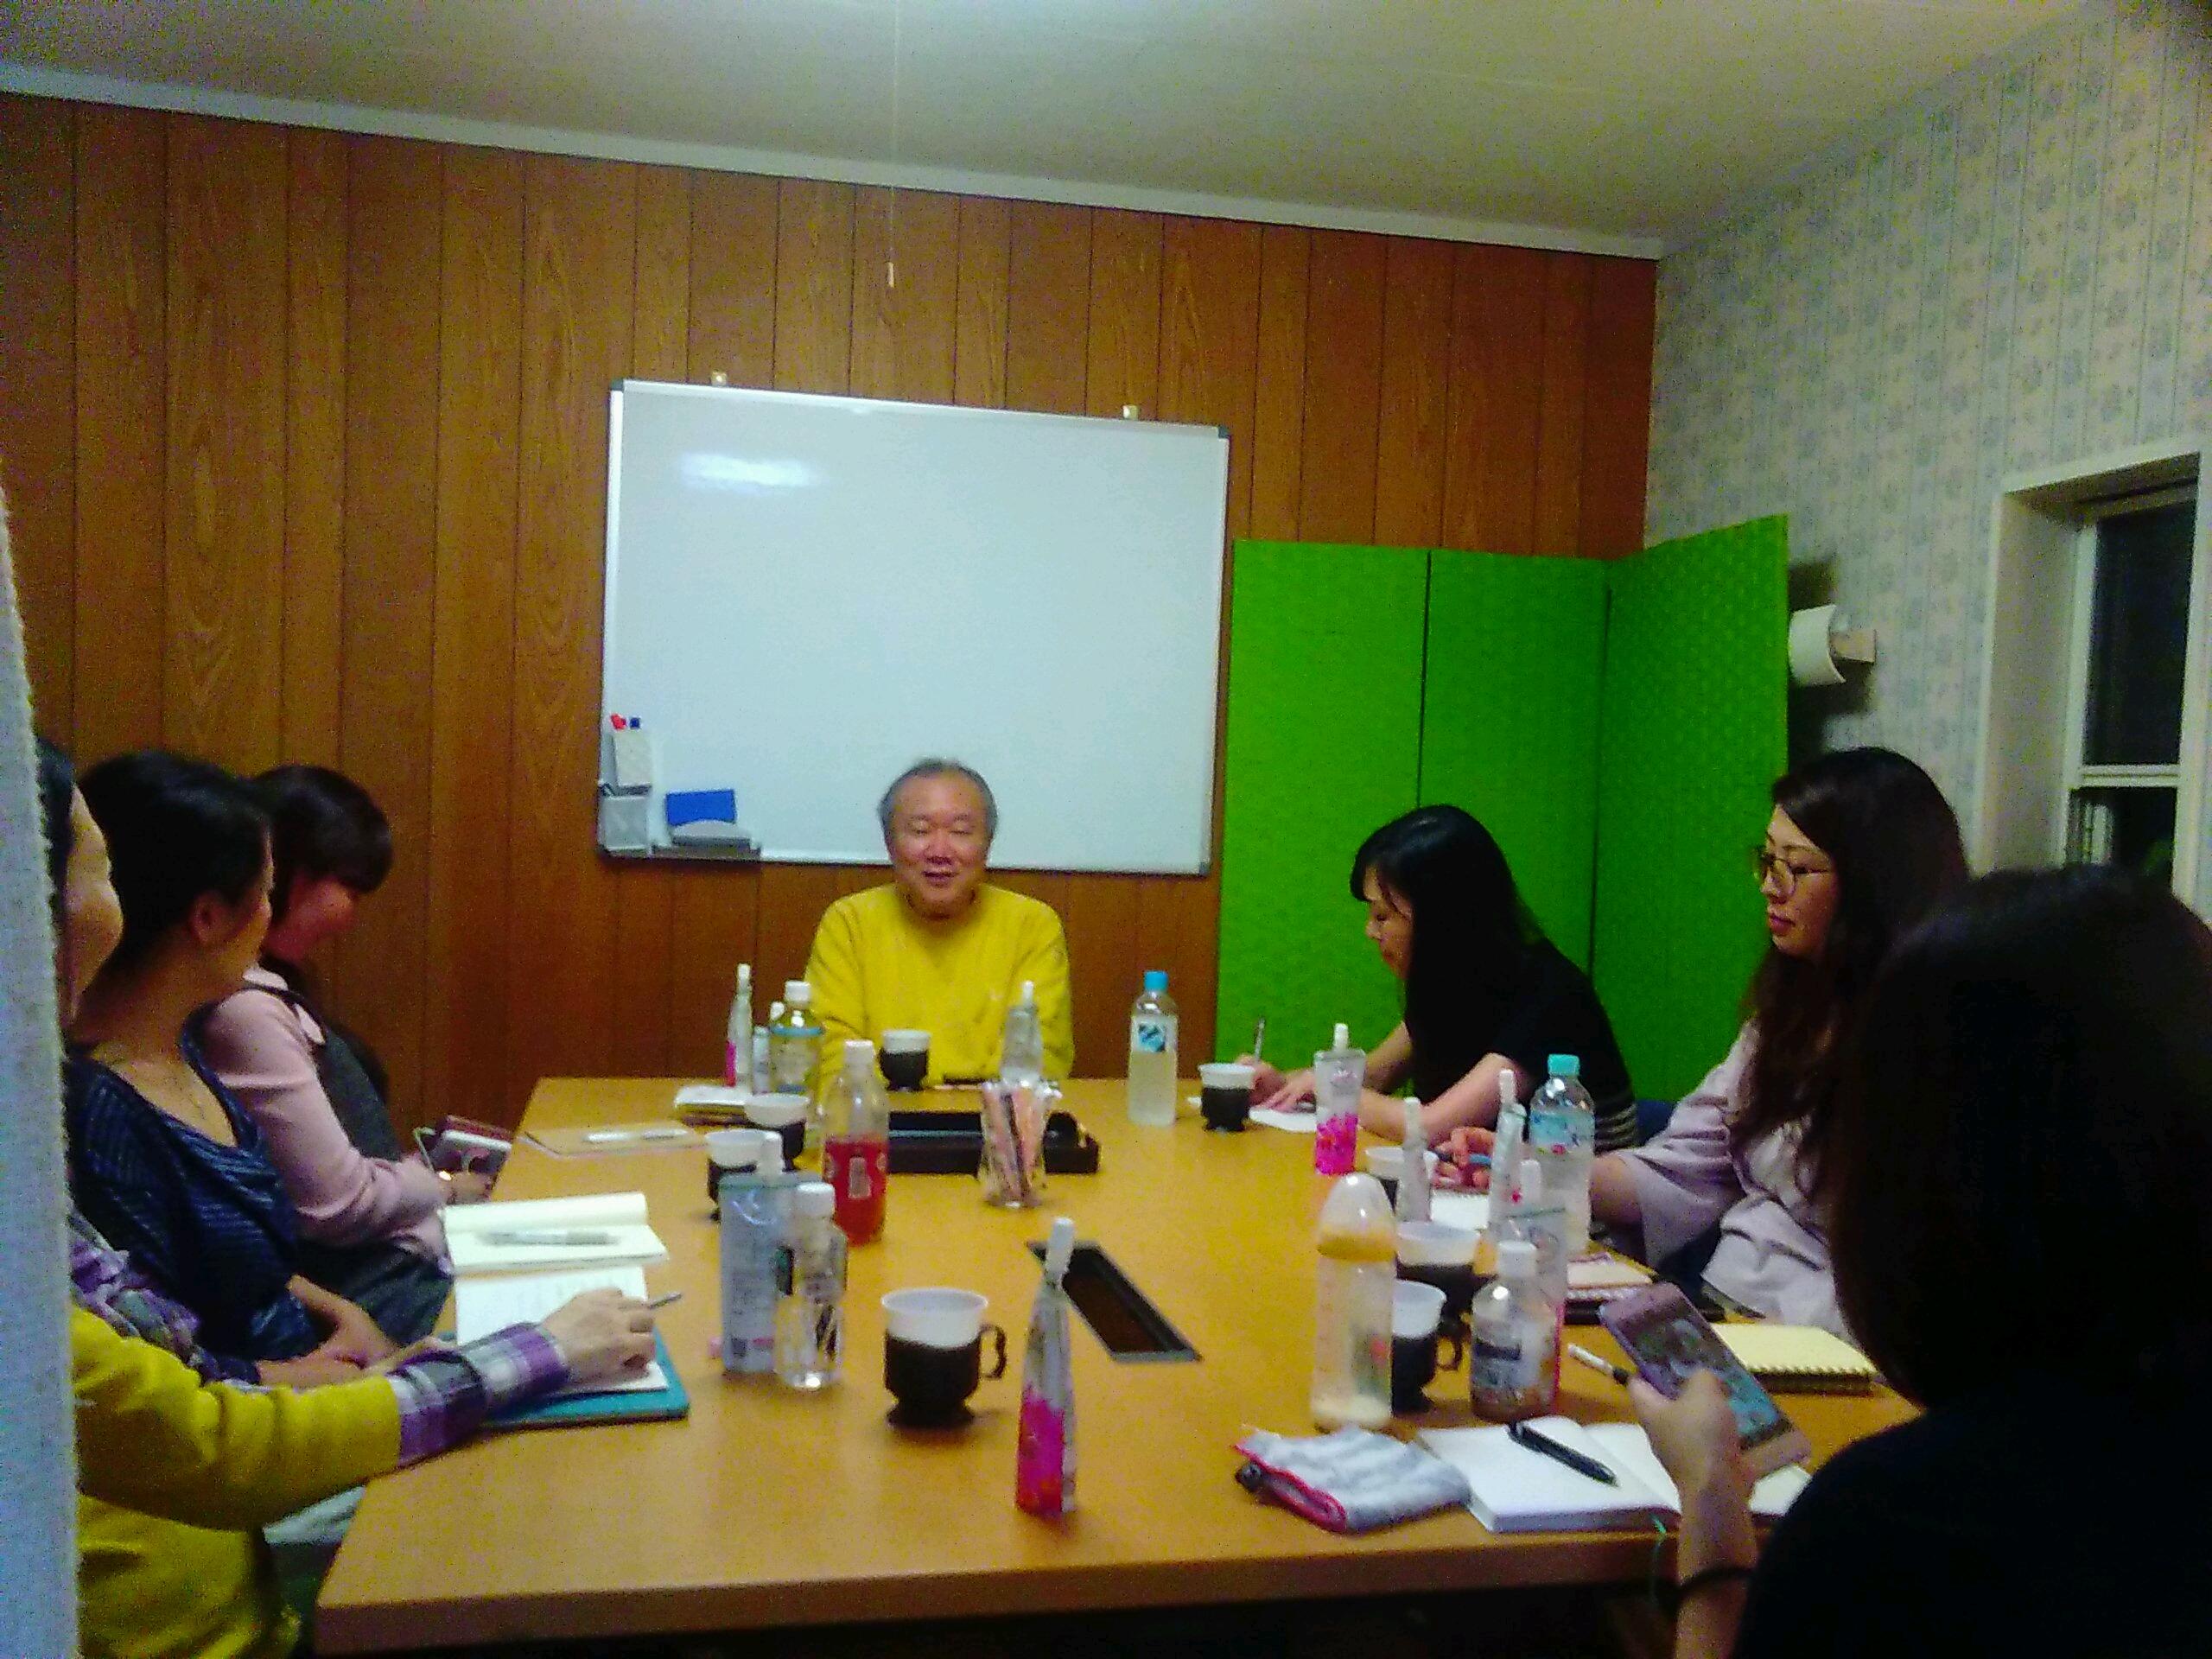 20181003185610 - 愛の子育て塾14期第4講座